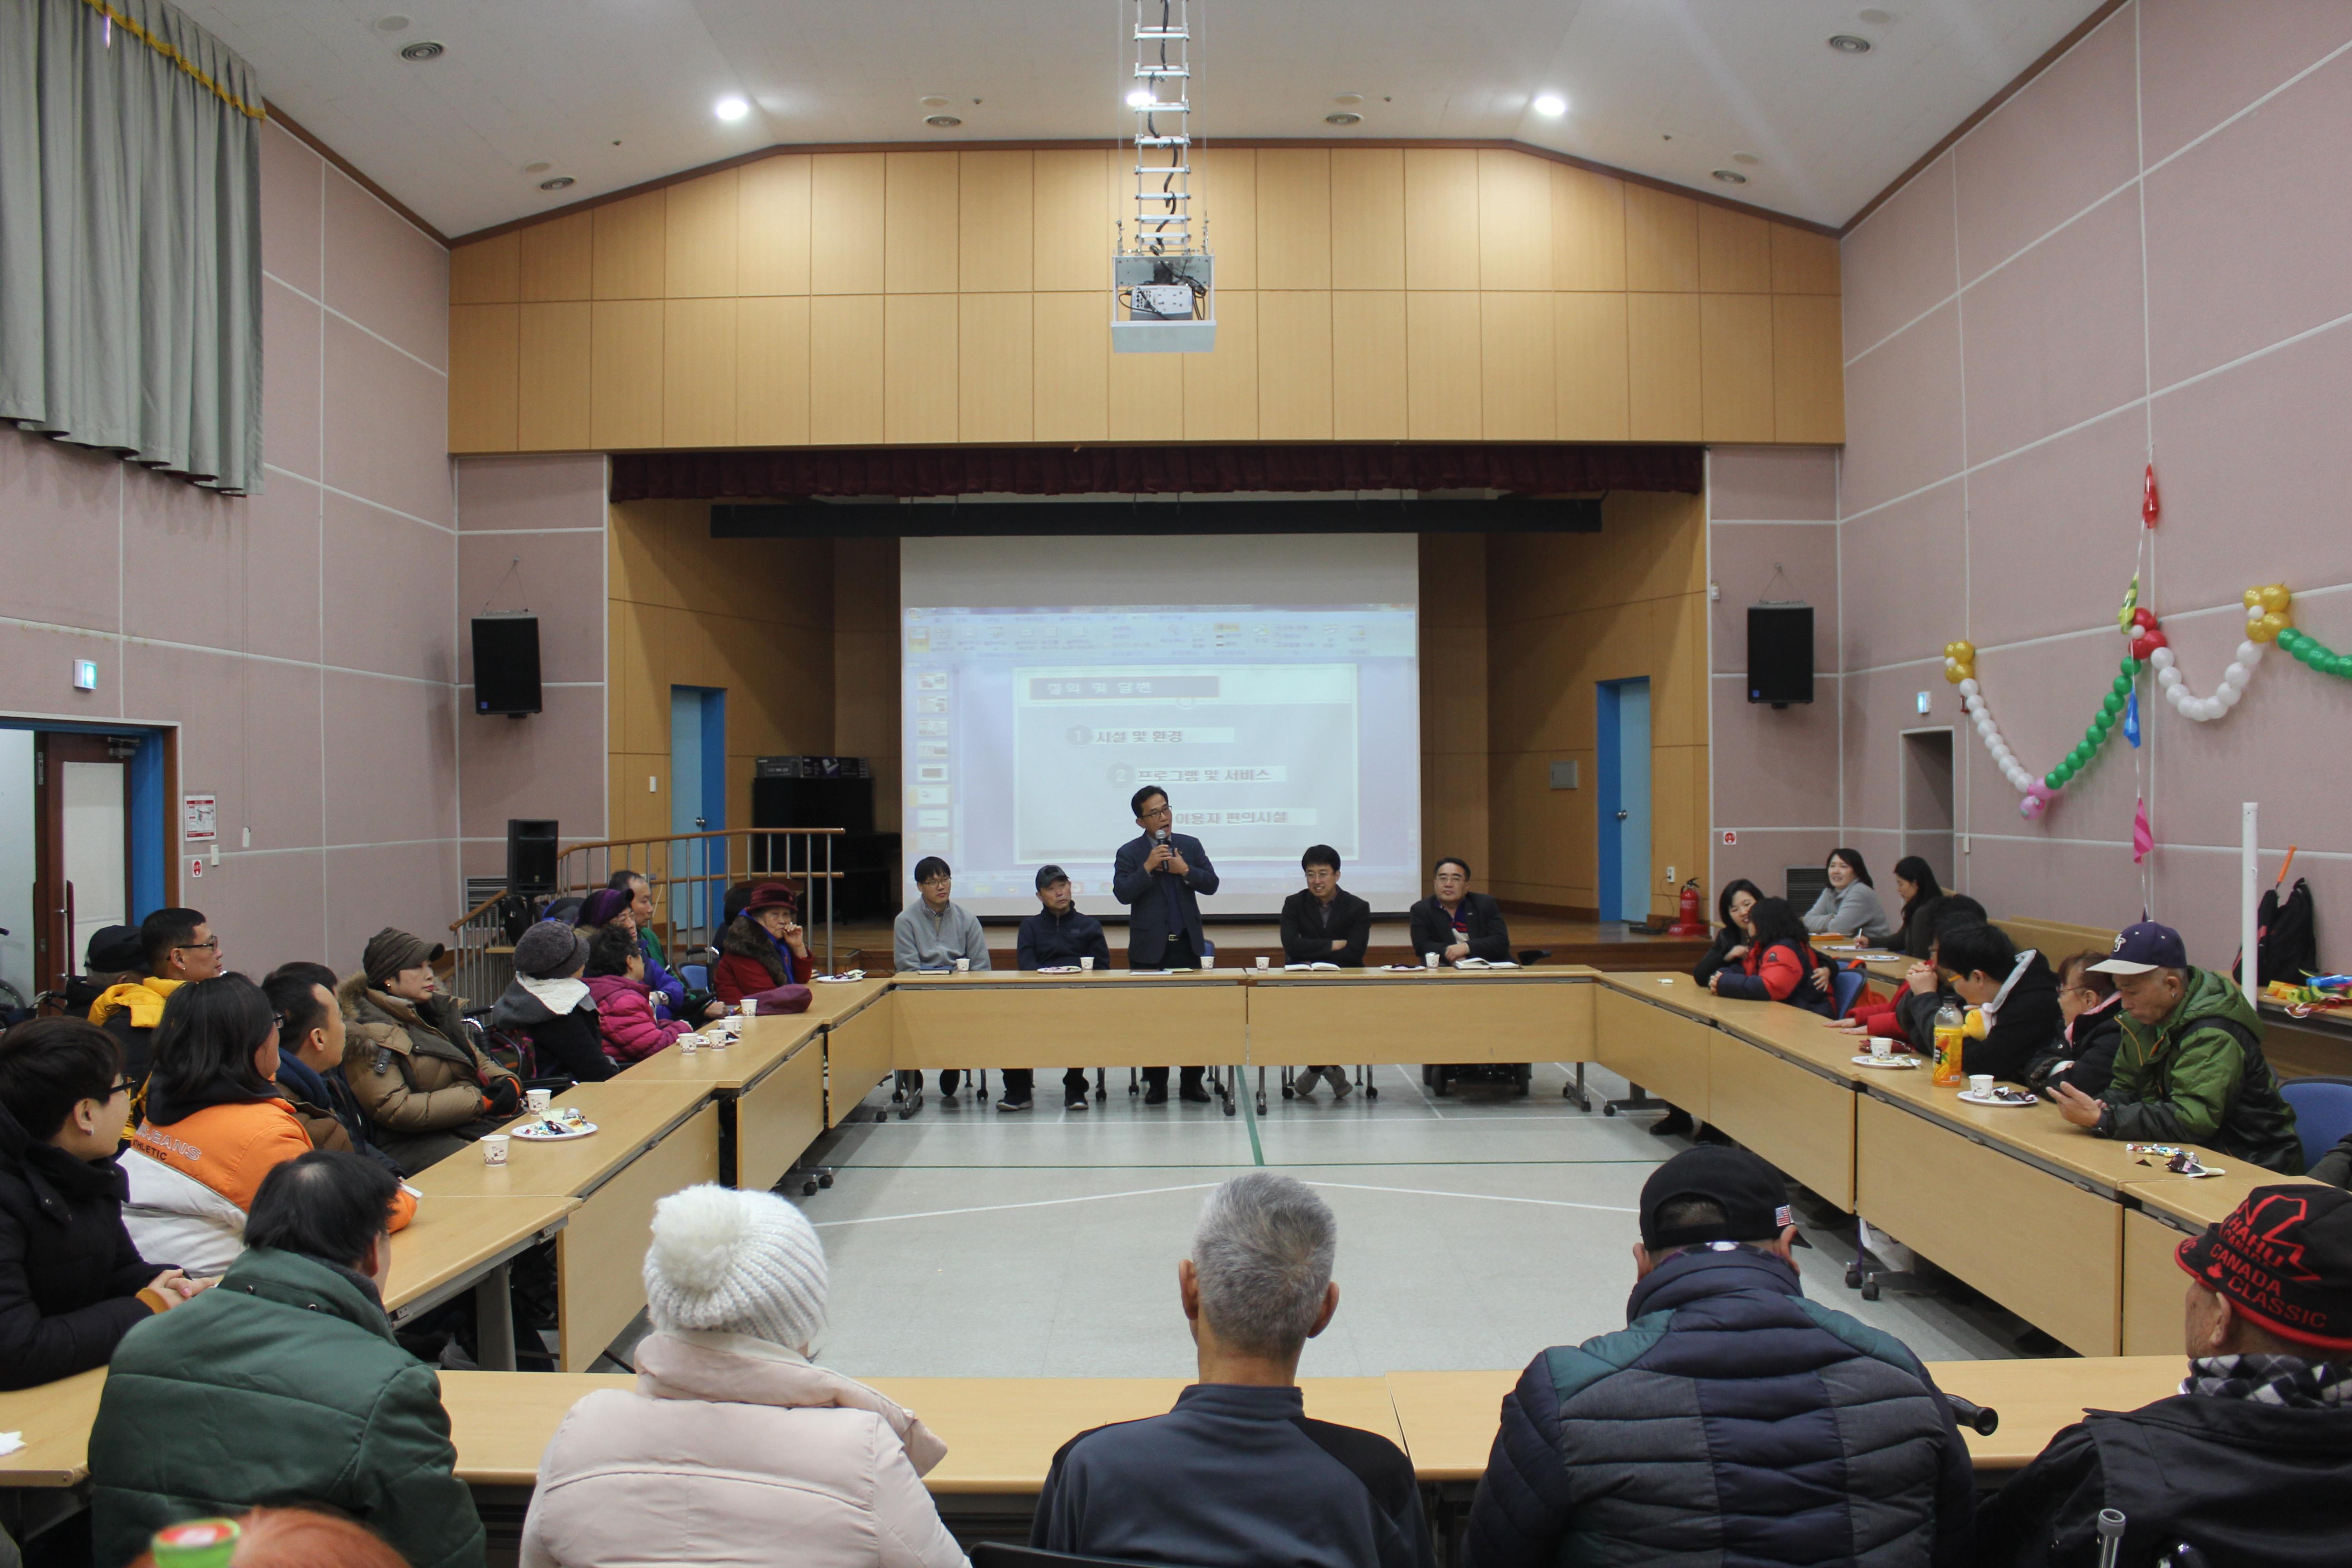 2017년  하반기  이용인 간담회  결과 공지